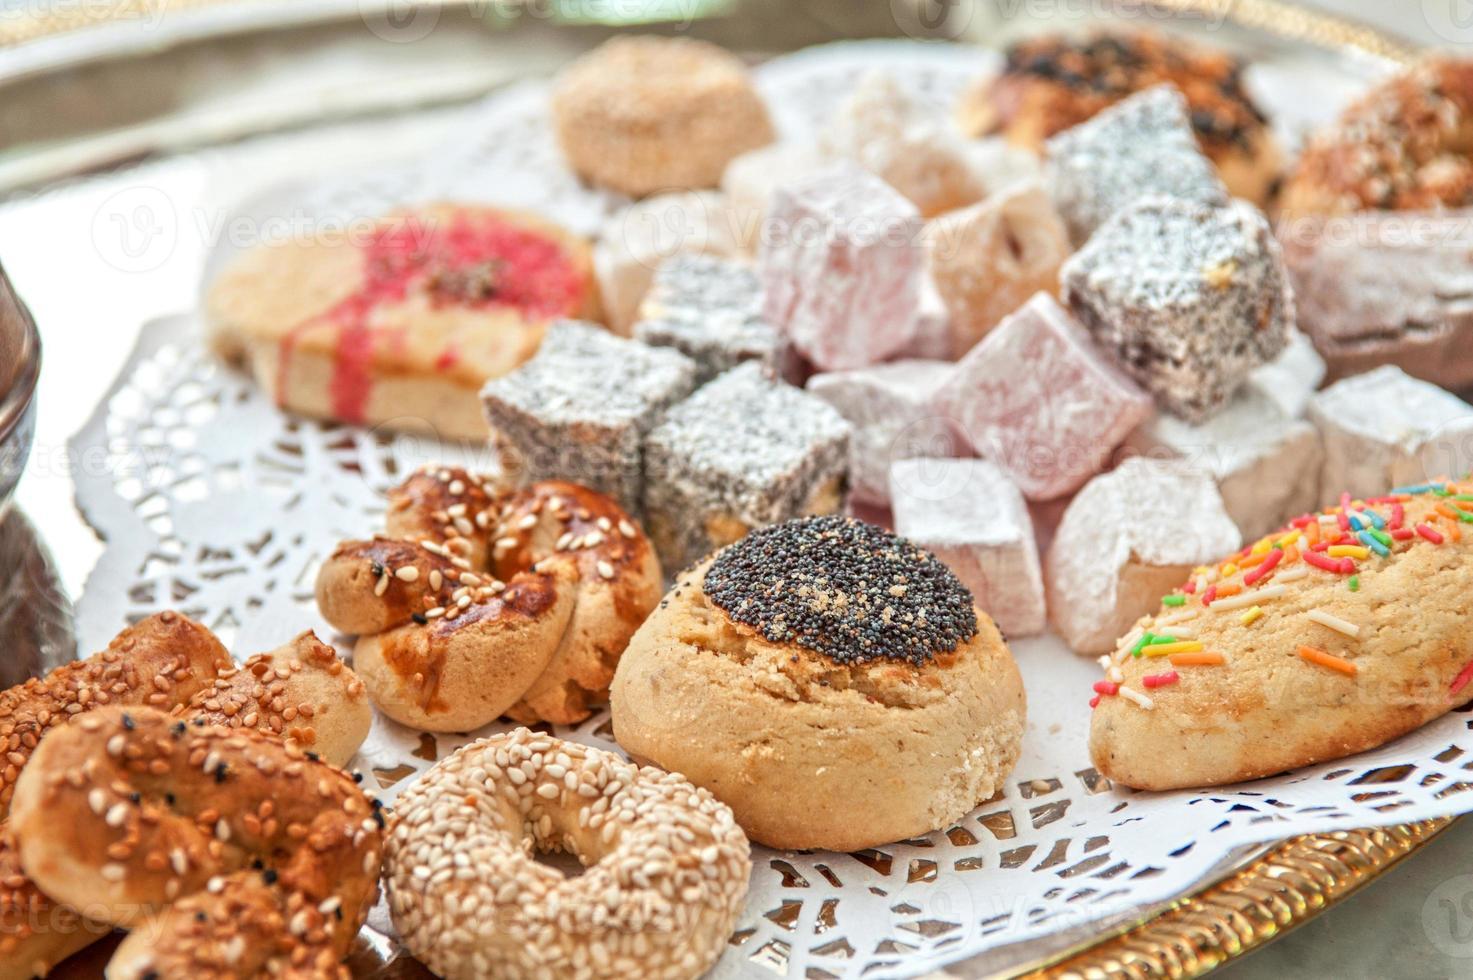 turkish delight dessert foto